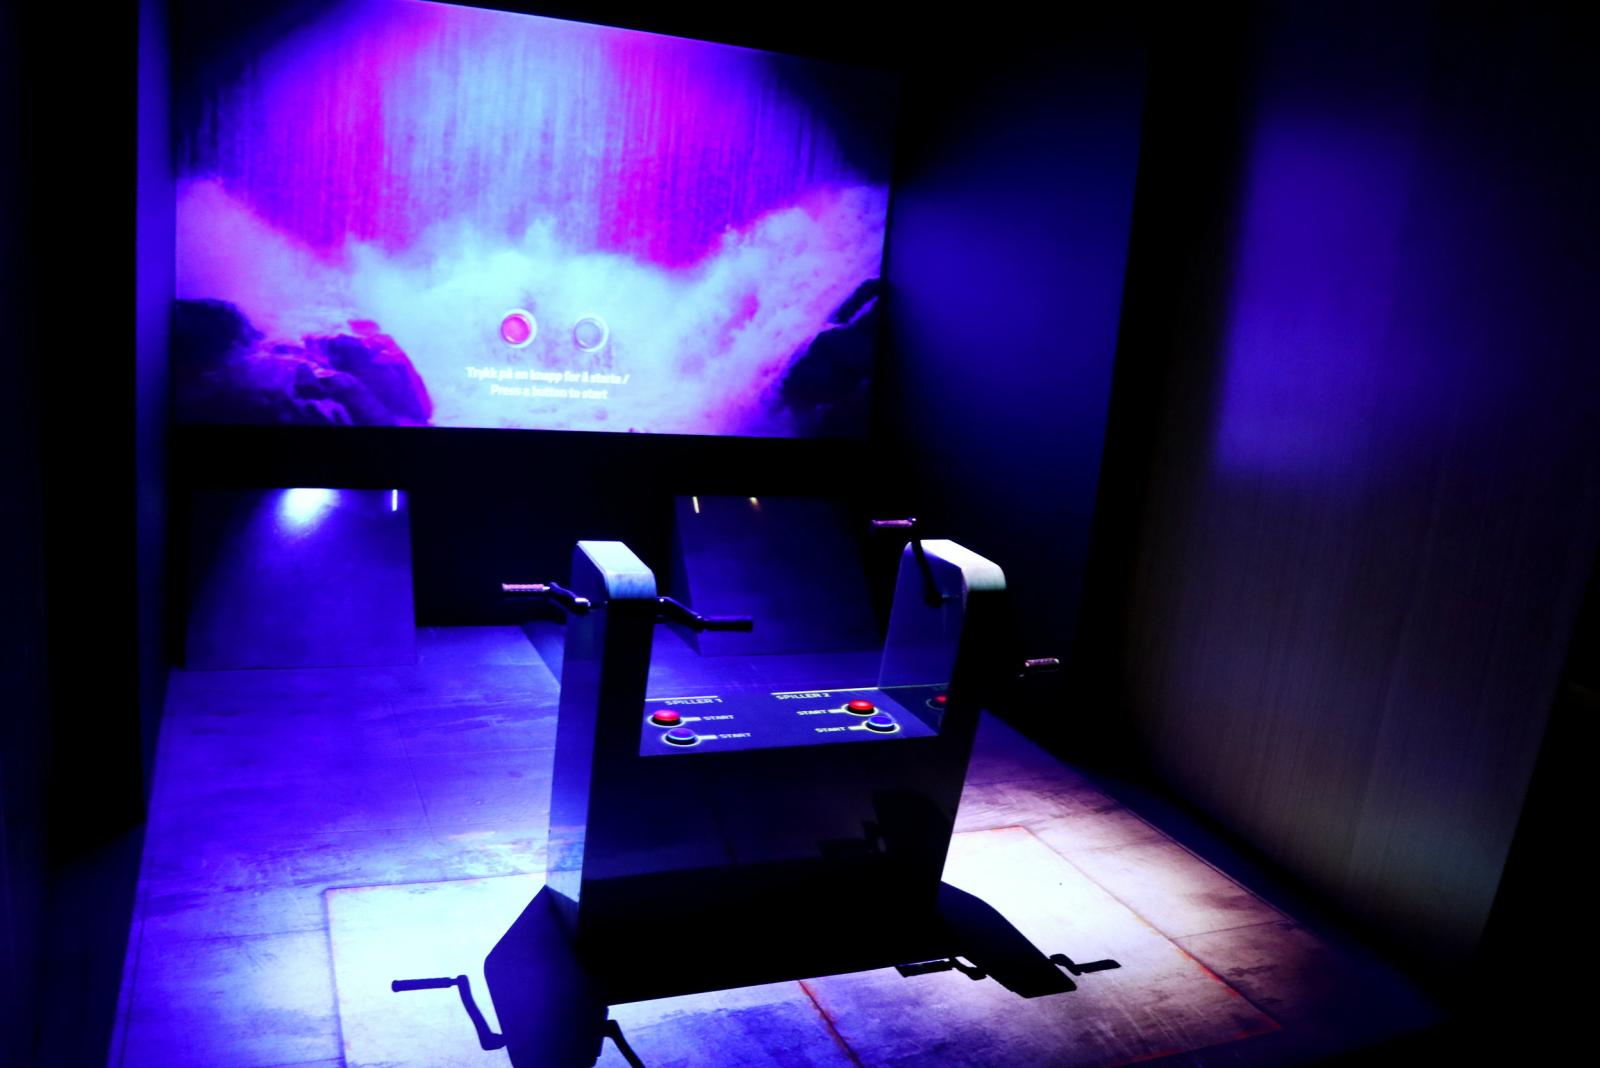 Slik ser selve spillet ut. Hver spiller har to spaker de sveiver på for å lage regnvann. To projektorer viser spillet på både veggen og gulvet, som gir en mer oppslukende opplevelse. 📸: Jørgen Jacobsen